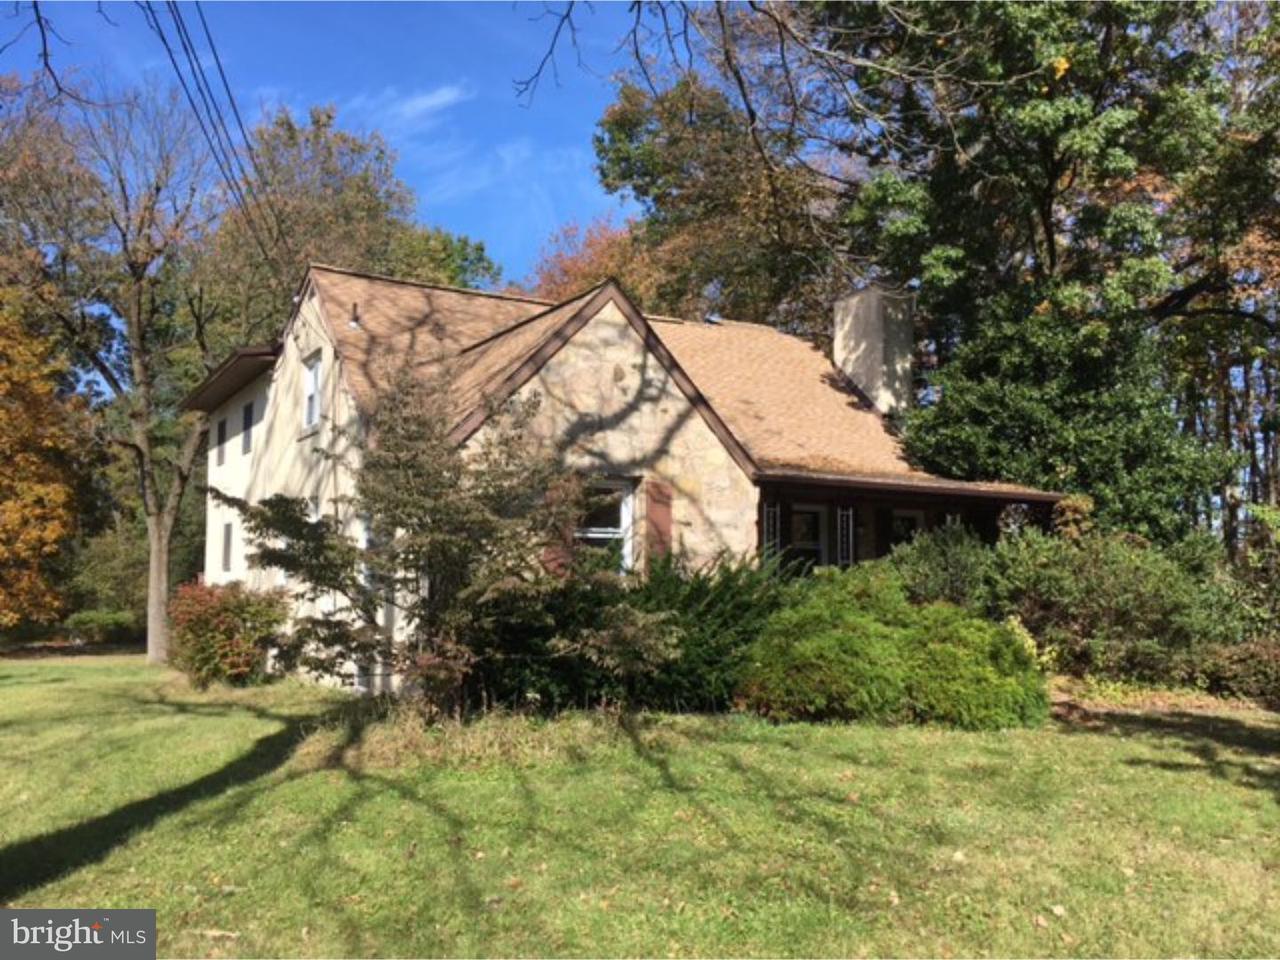 Частный односемейный дом для того Аренда на 532 DOYLESTOWN Road Lansdale, Пенсильвания 19446 Соединенные Штаты